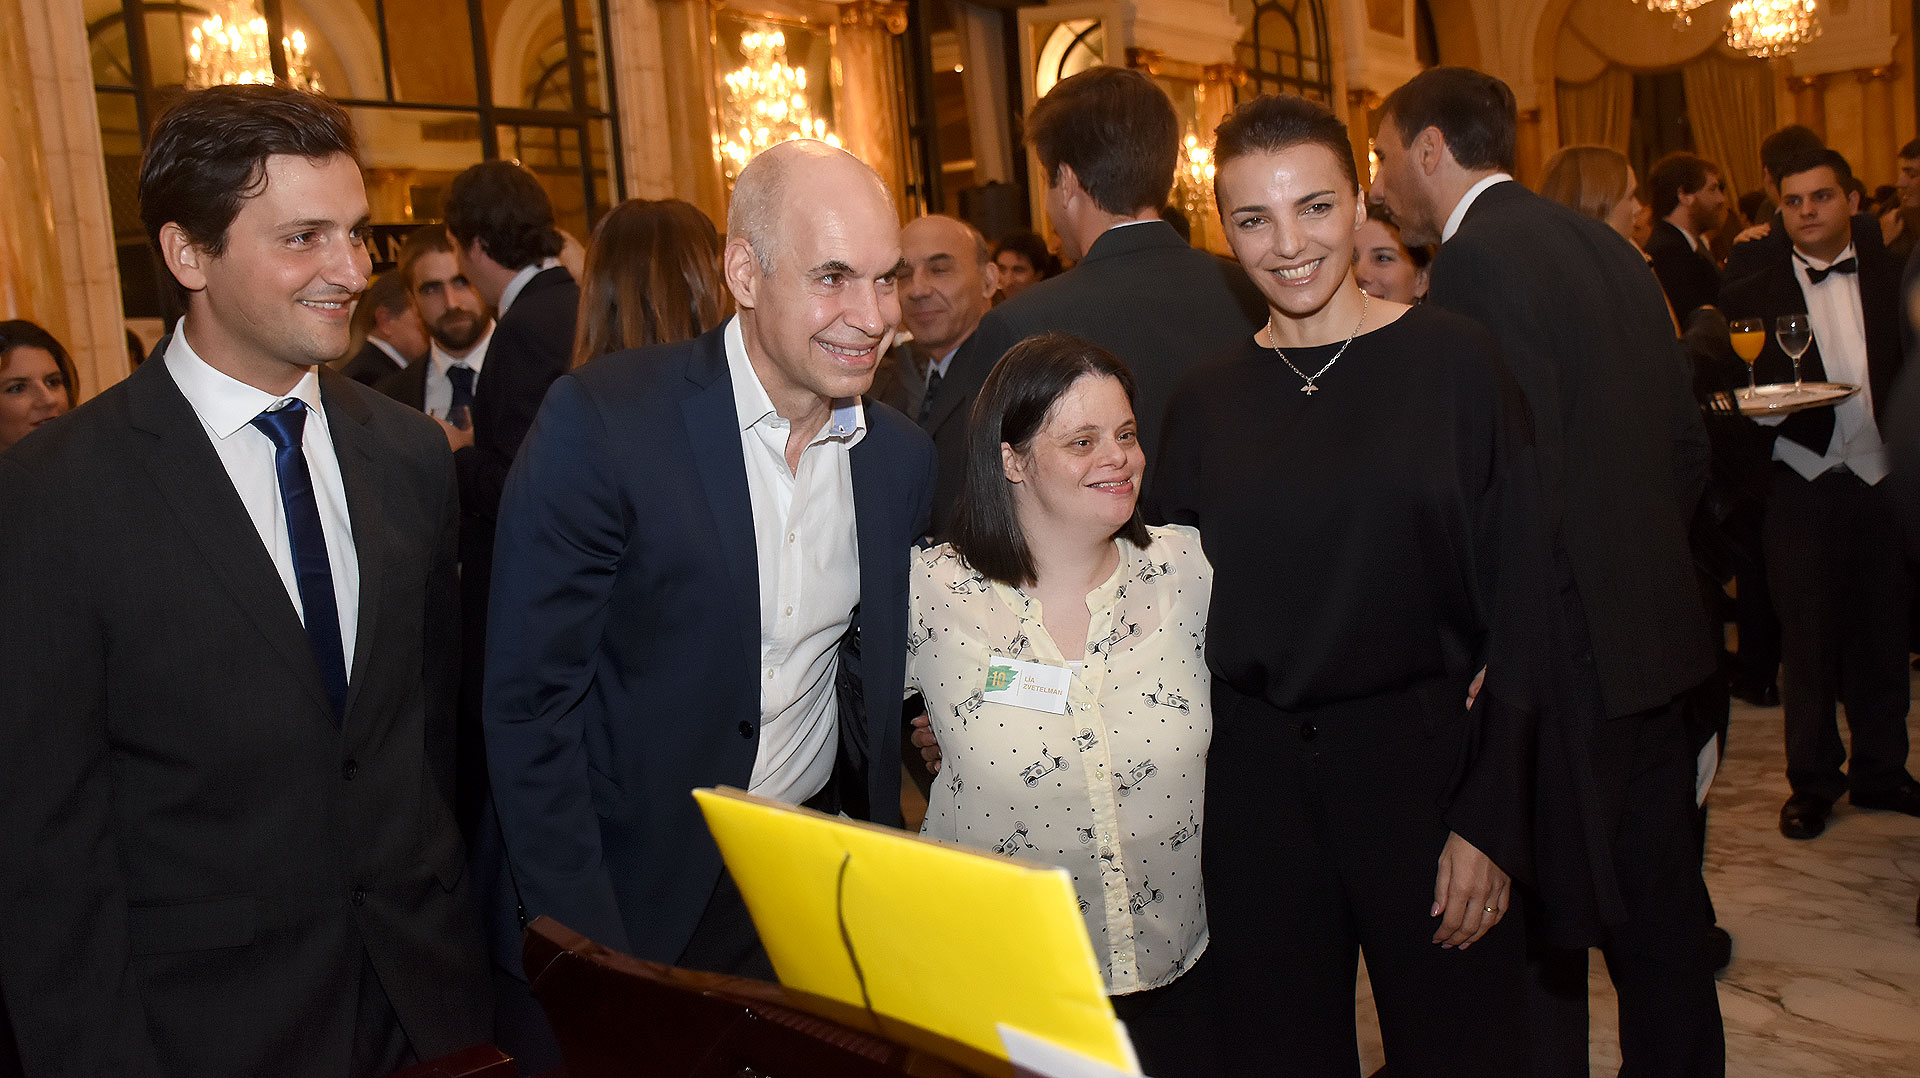 Javier Ureta Saenz Peña recibió al jefe de Gobierno porteño, Horacio Rodríguez Larreta, y a su esposa, Bárbara Diez